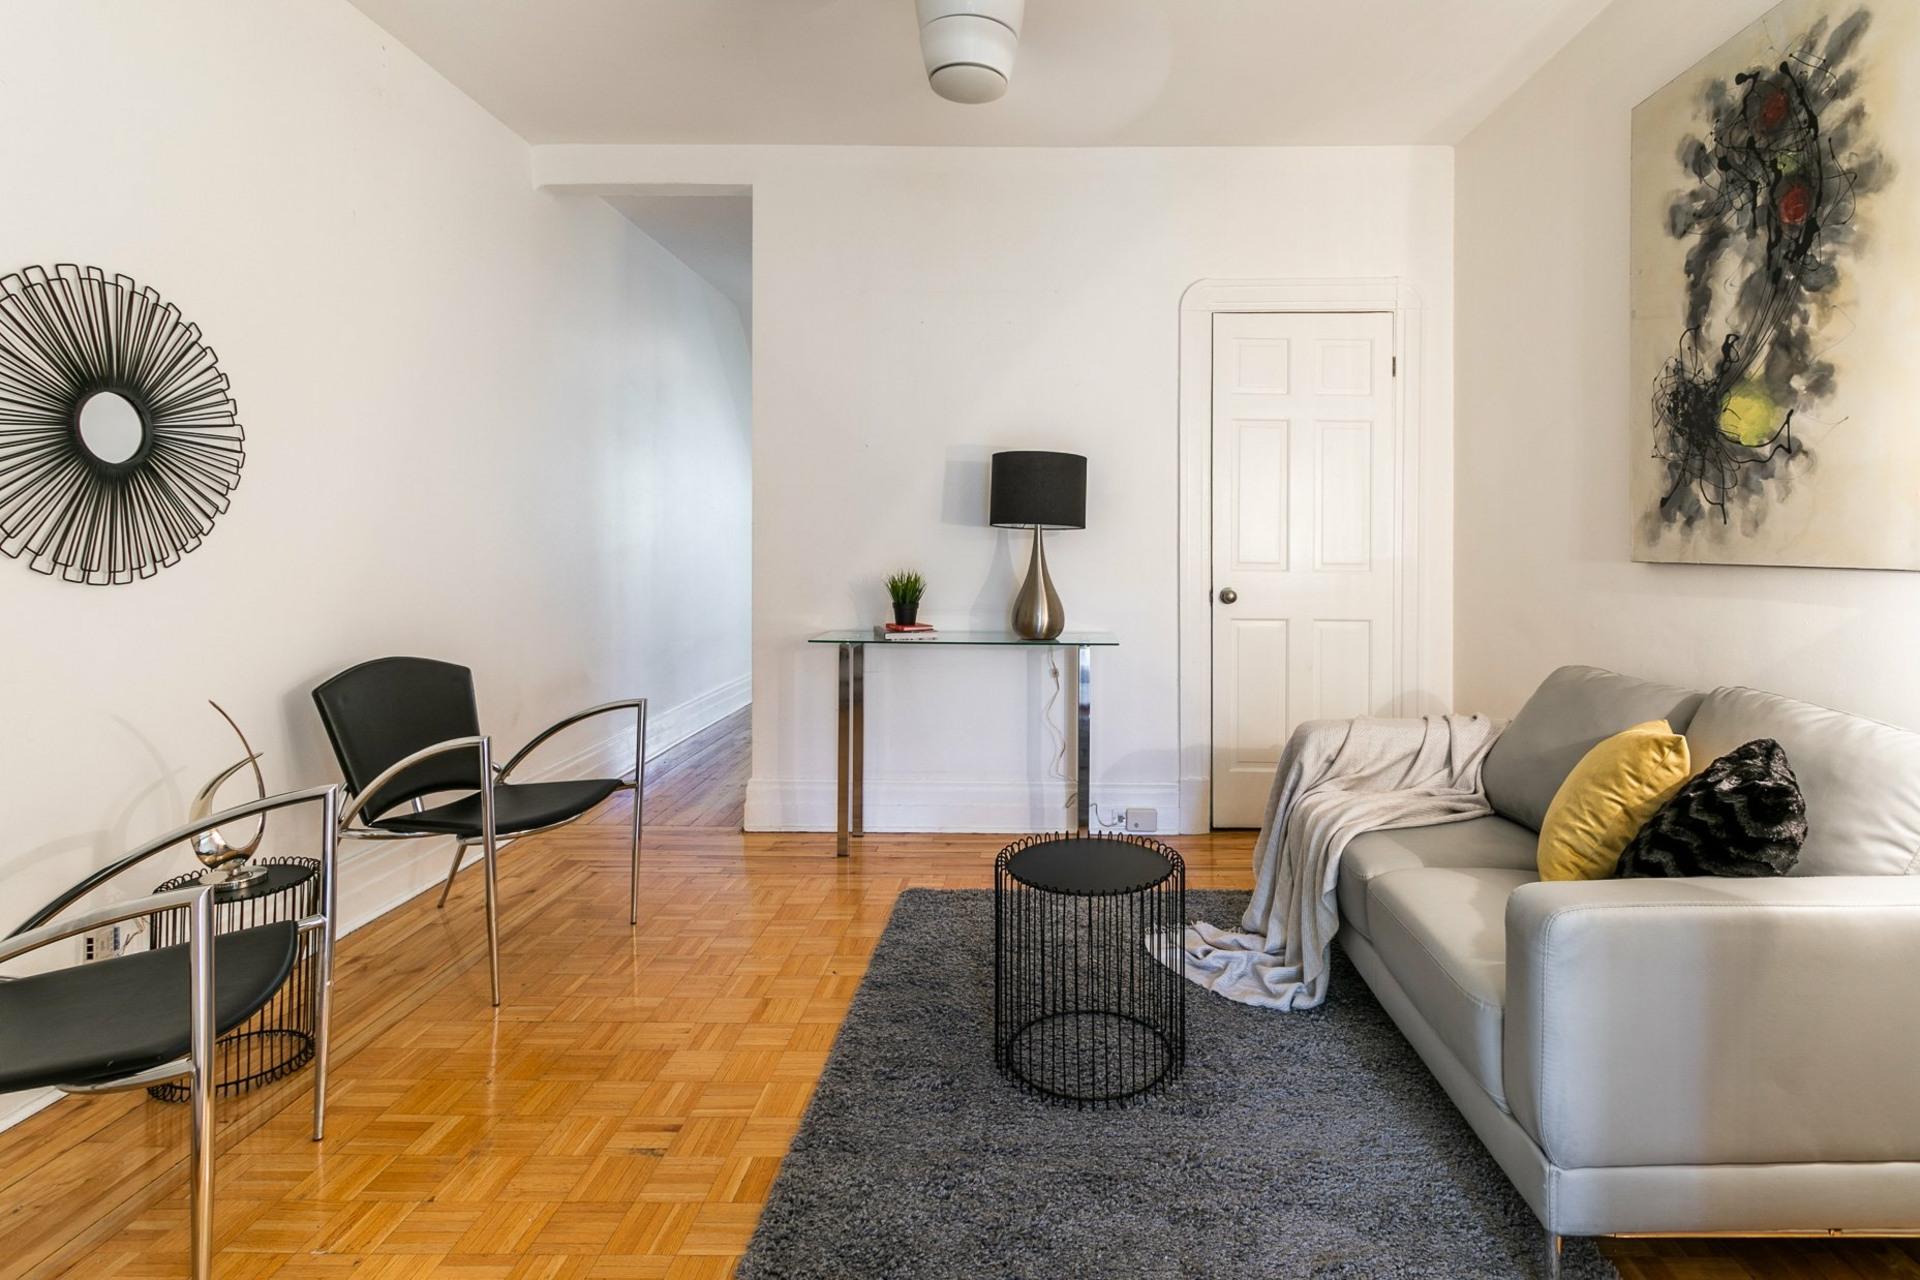 image 7 - Appartement À vendre Le Plateau-Mont-Royal Montréal  - 4 pièces